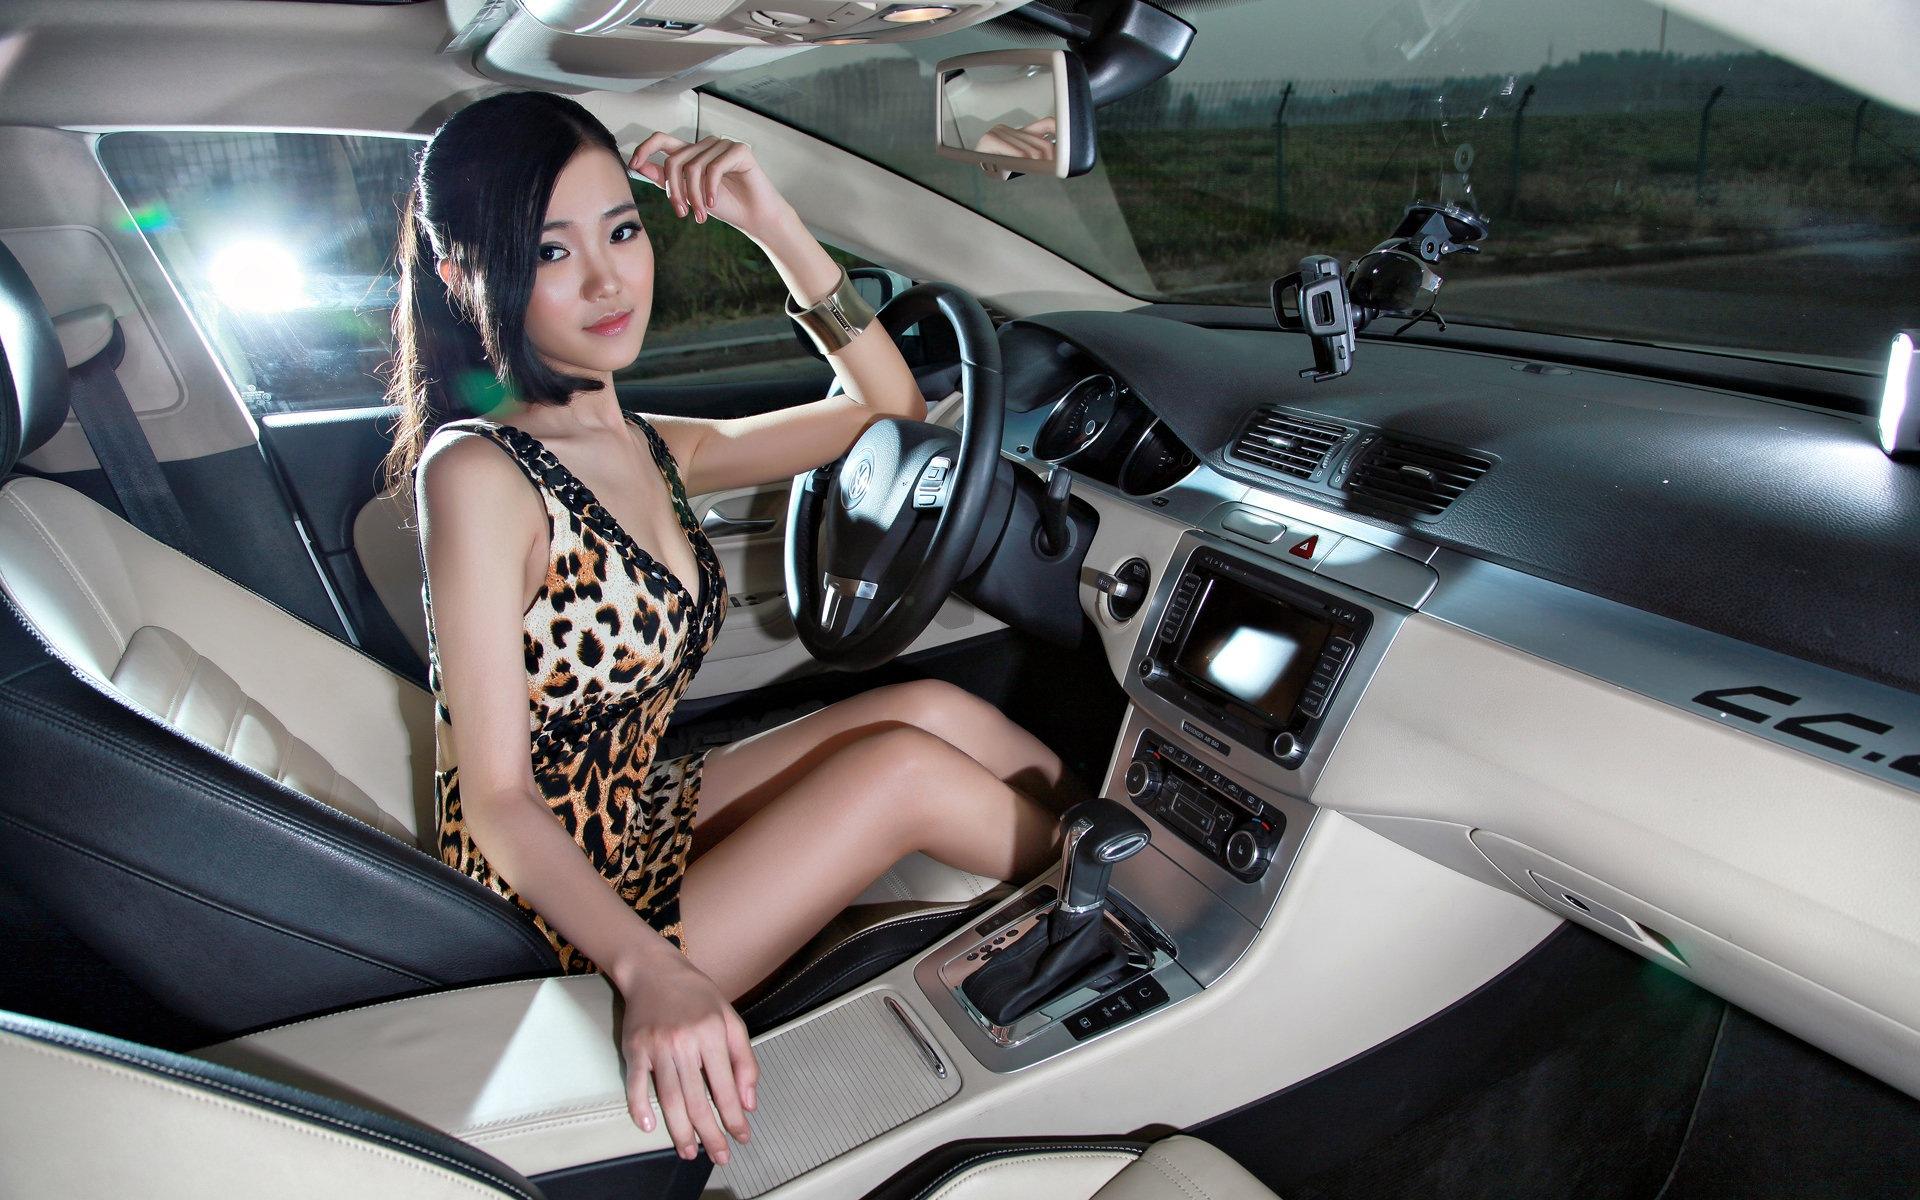 Фото дам в машине 30 фотография